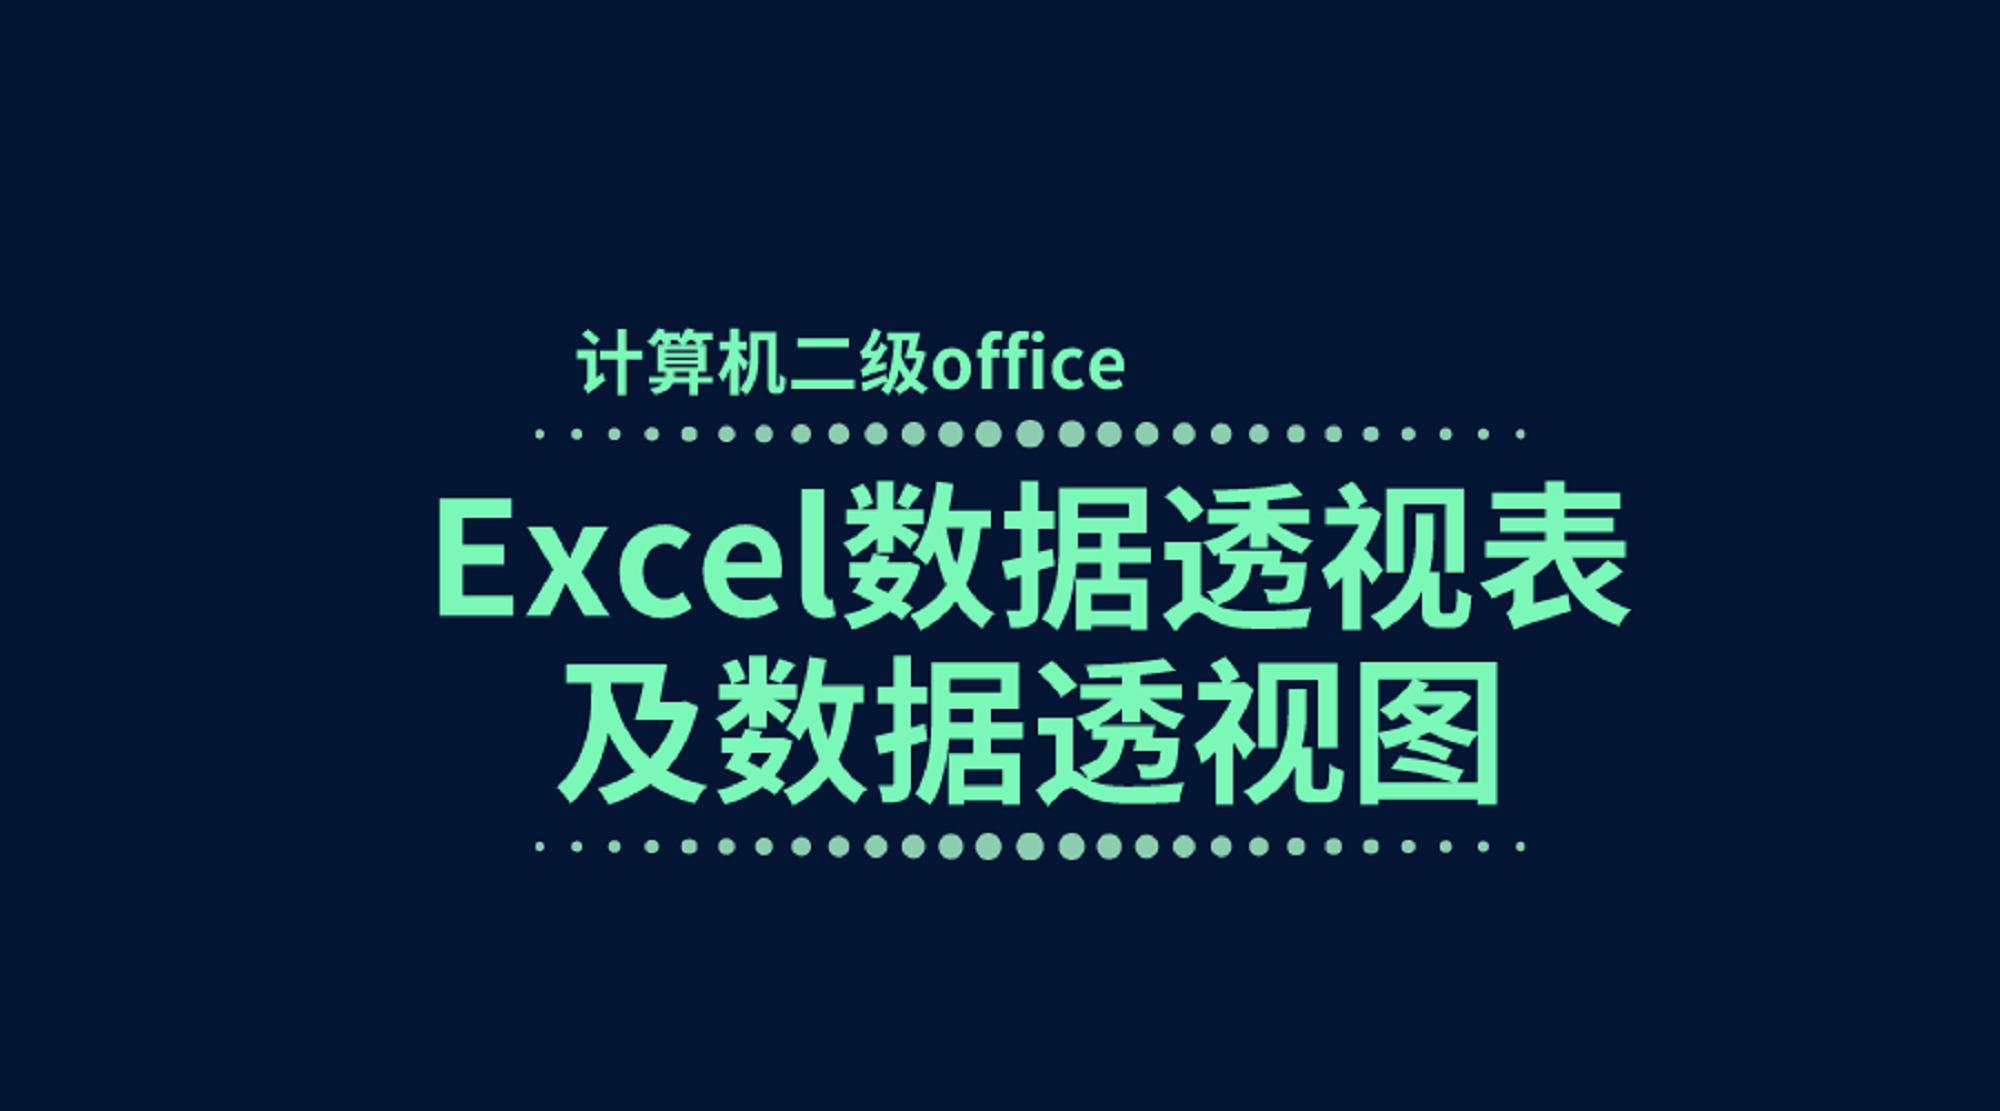 【Excel数据透视表及透视图】计算机二级office2016版